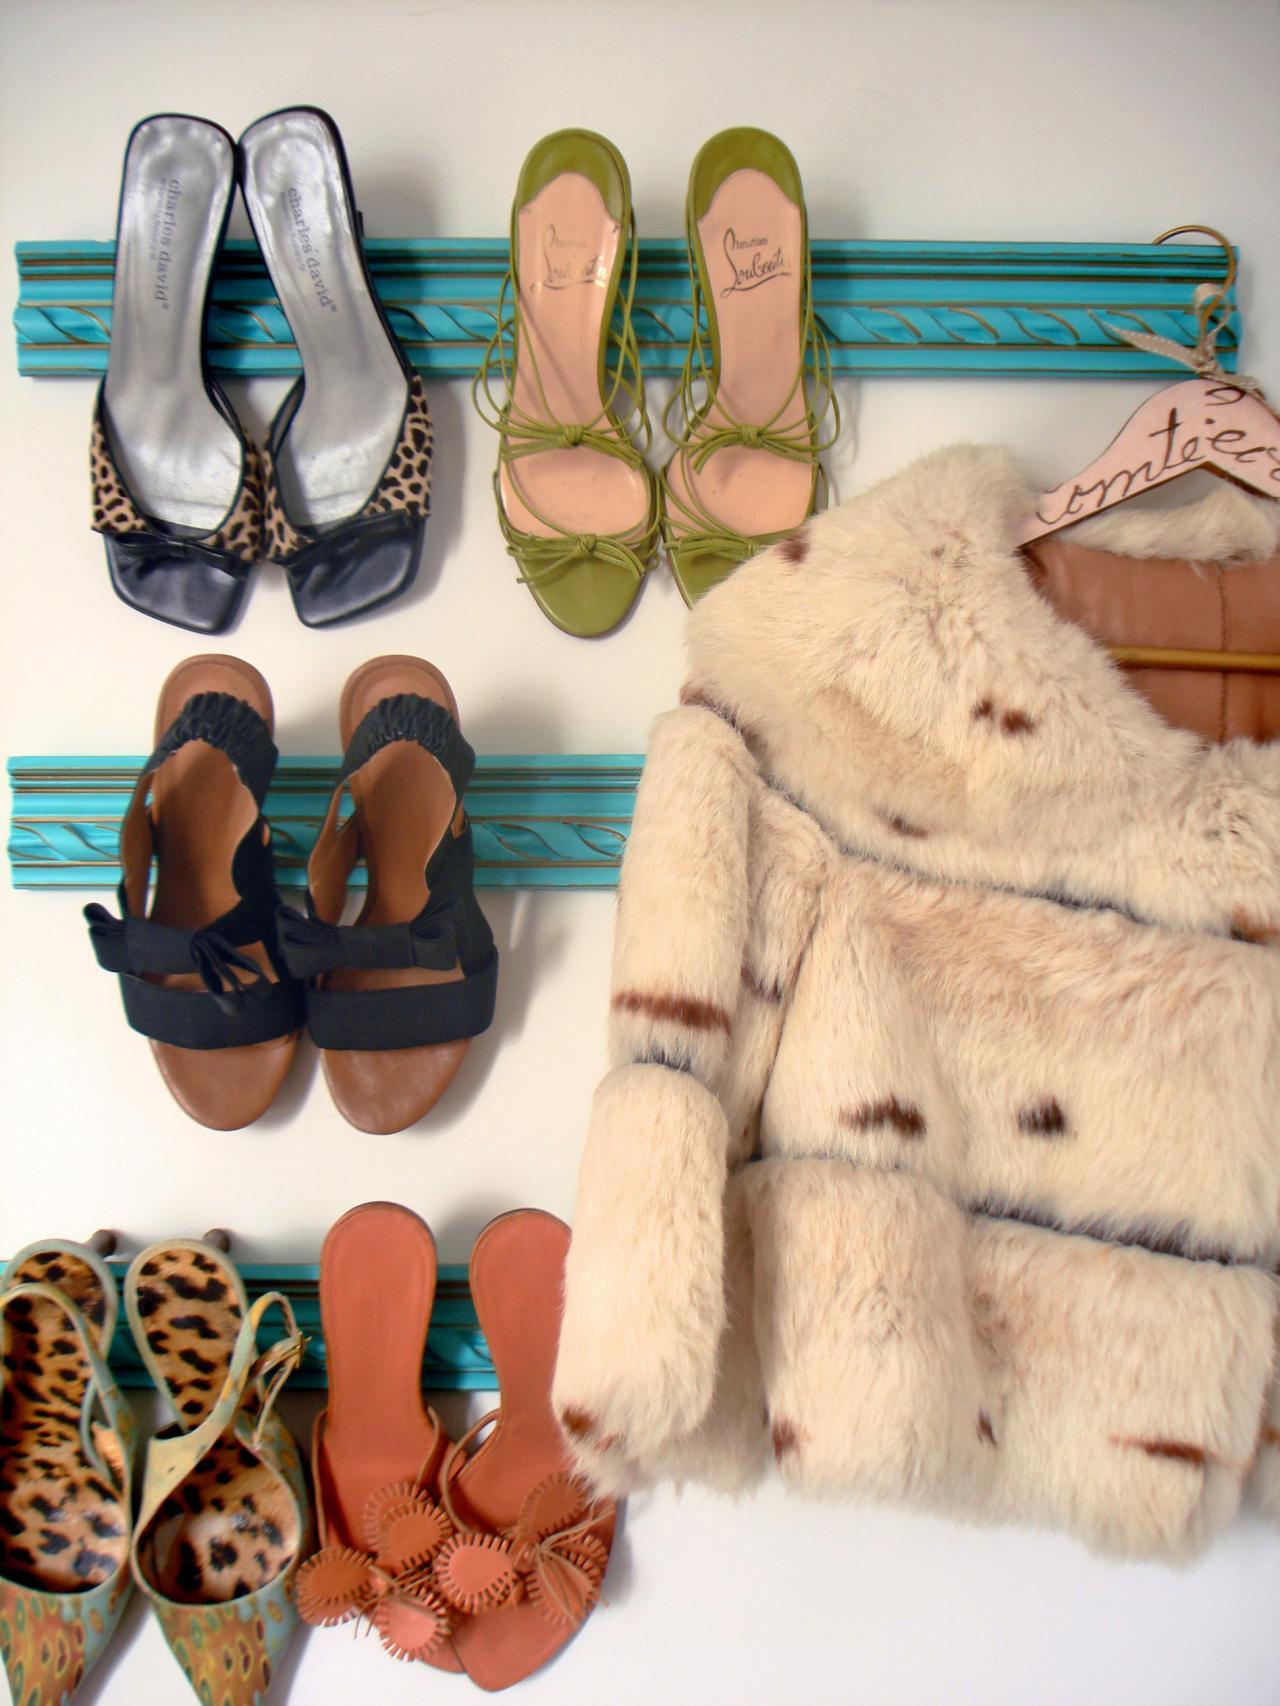 Окрашенный и прикрепленный к стене старый карниз или плинтус становится держателем для обуви